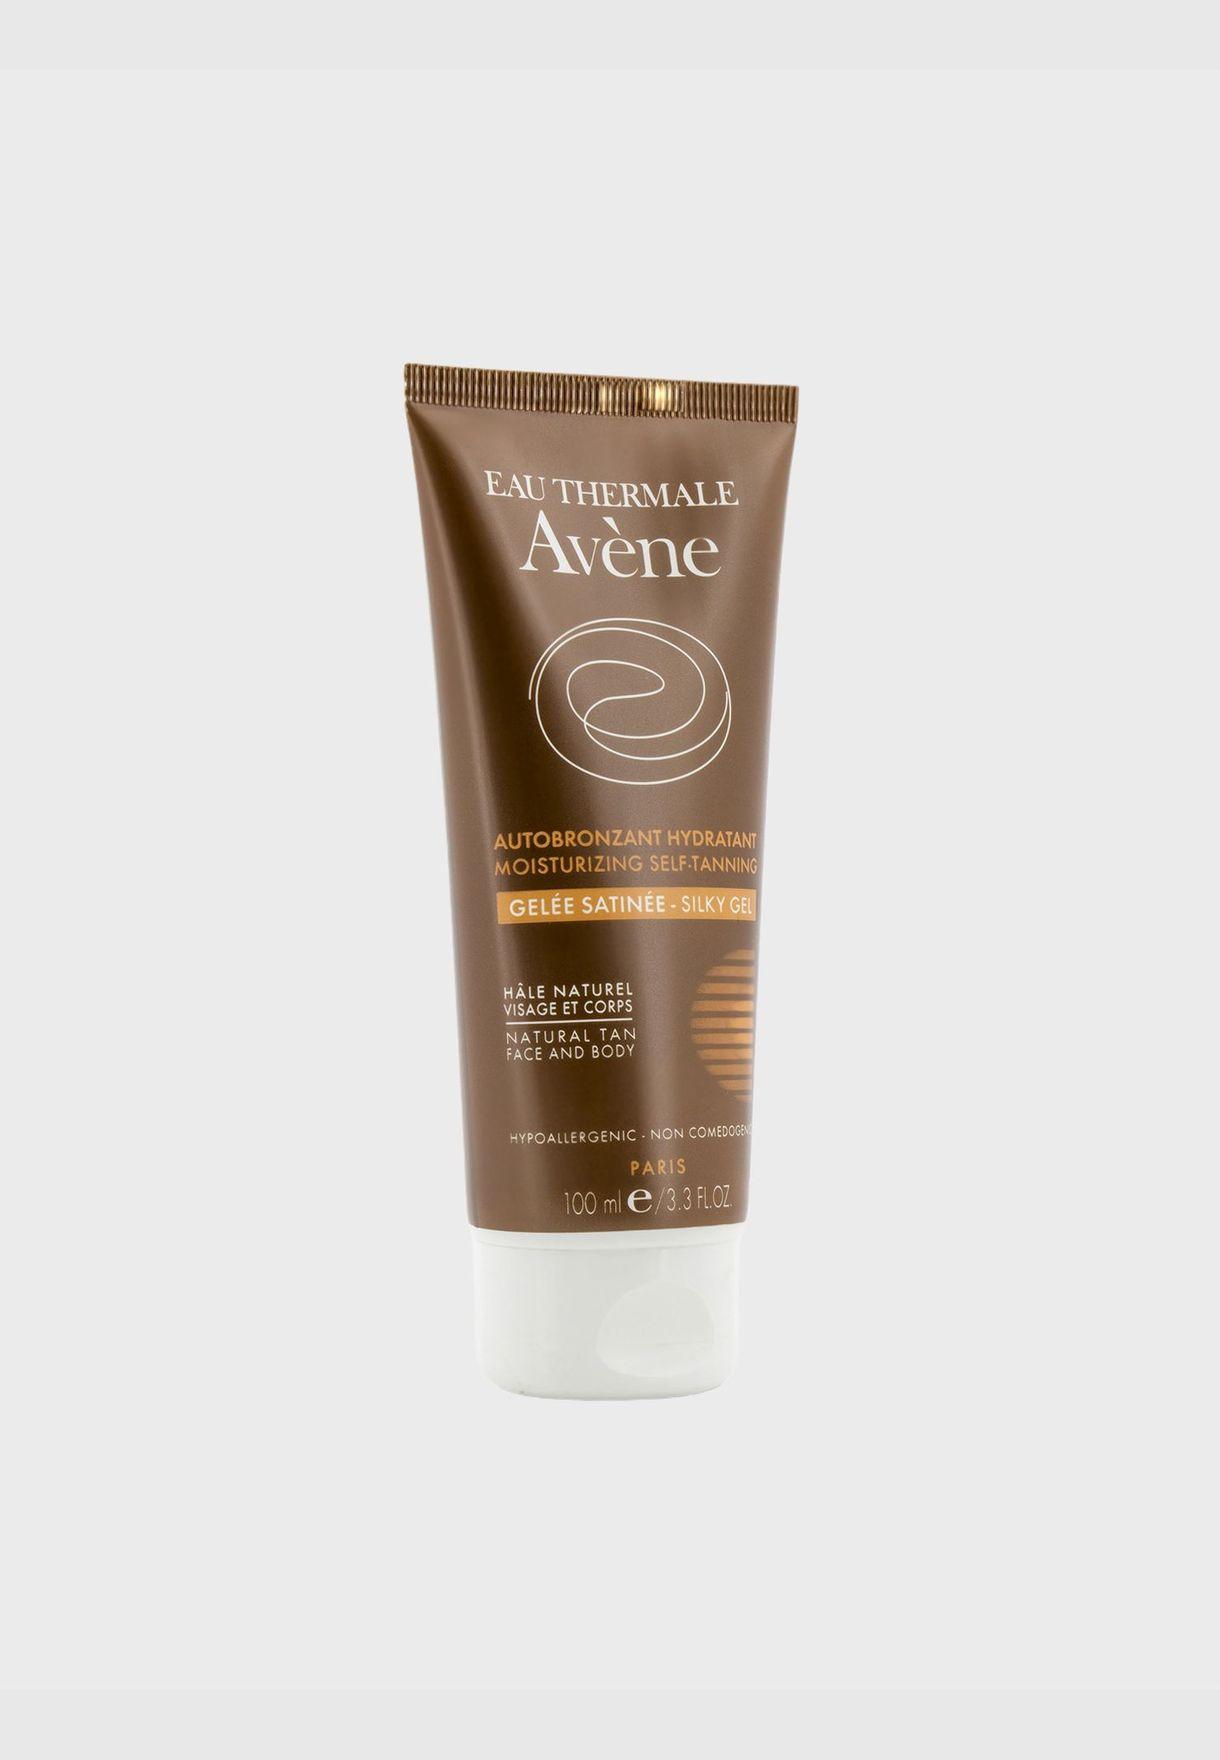 Moisturizing Self-Tanning Silky Gel For Face & Body - For Sensitive Skin